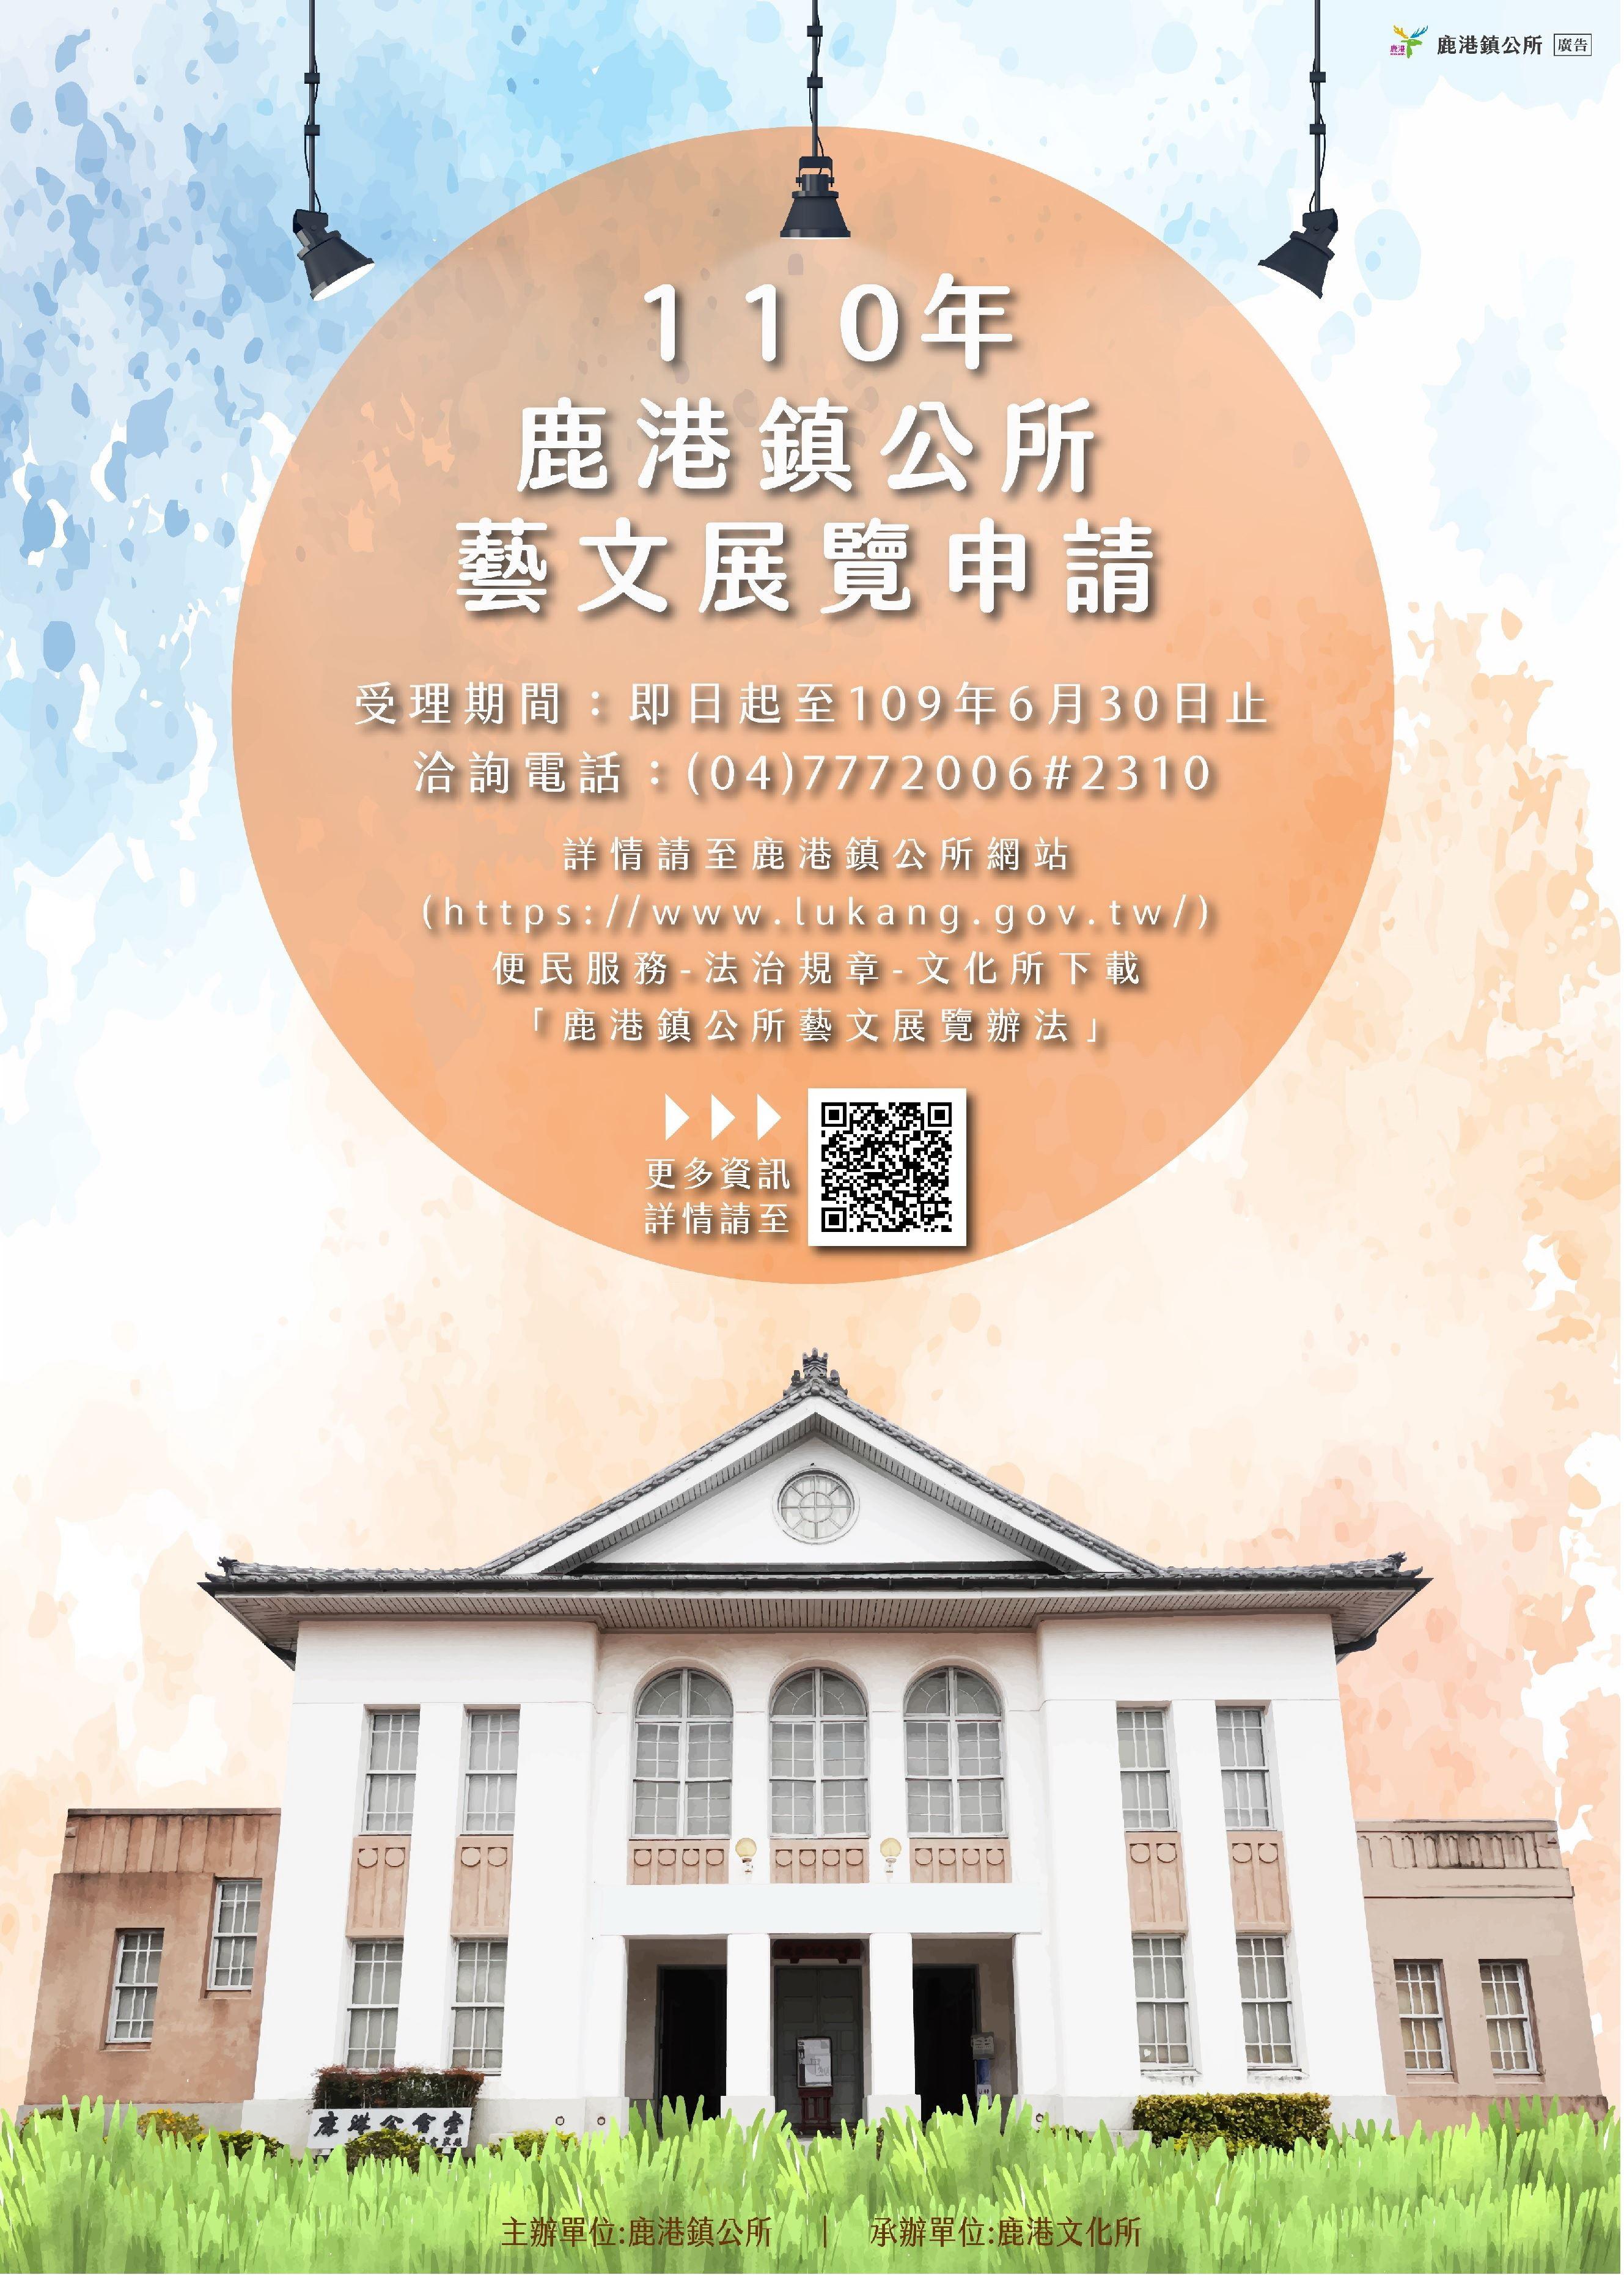 彰化縣鹿港鎮公所即日起至109年6月30日止受理「110年藝文展覽申請」。